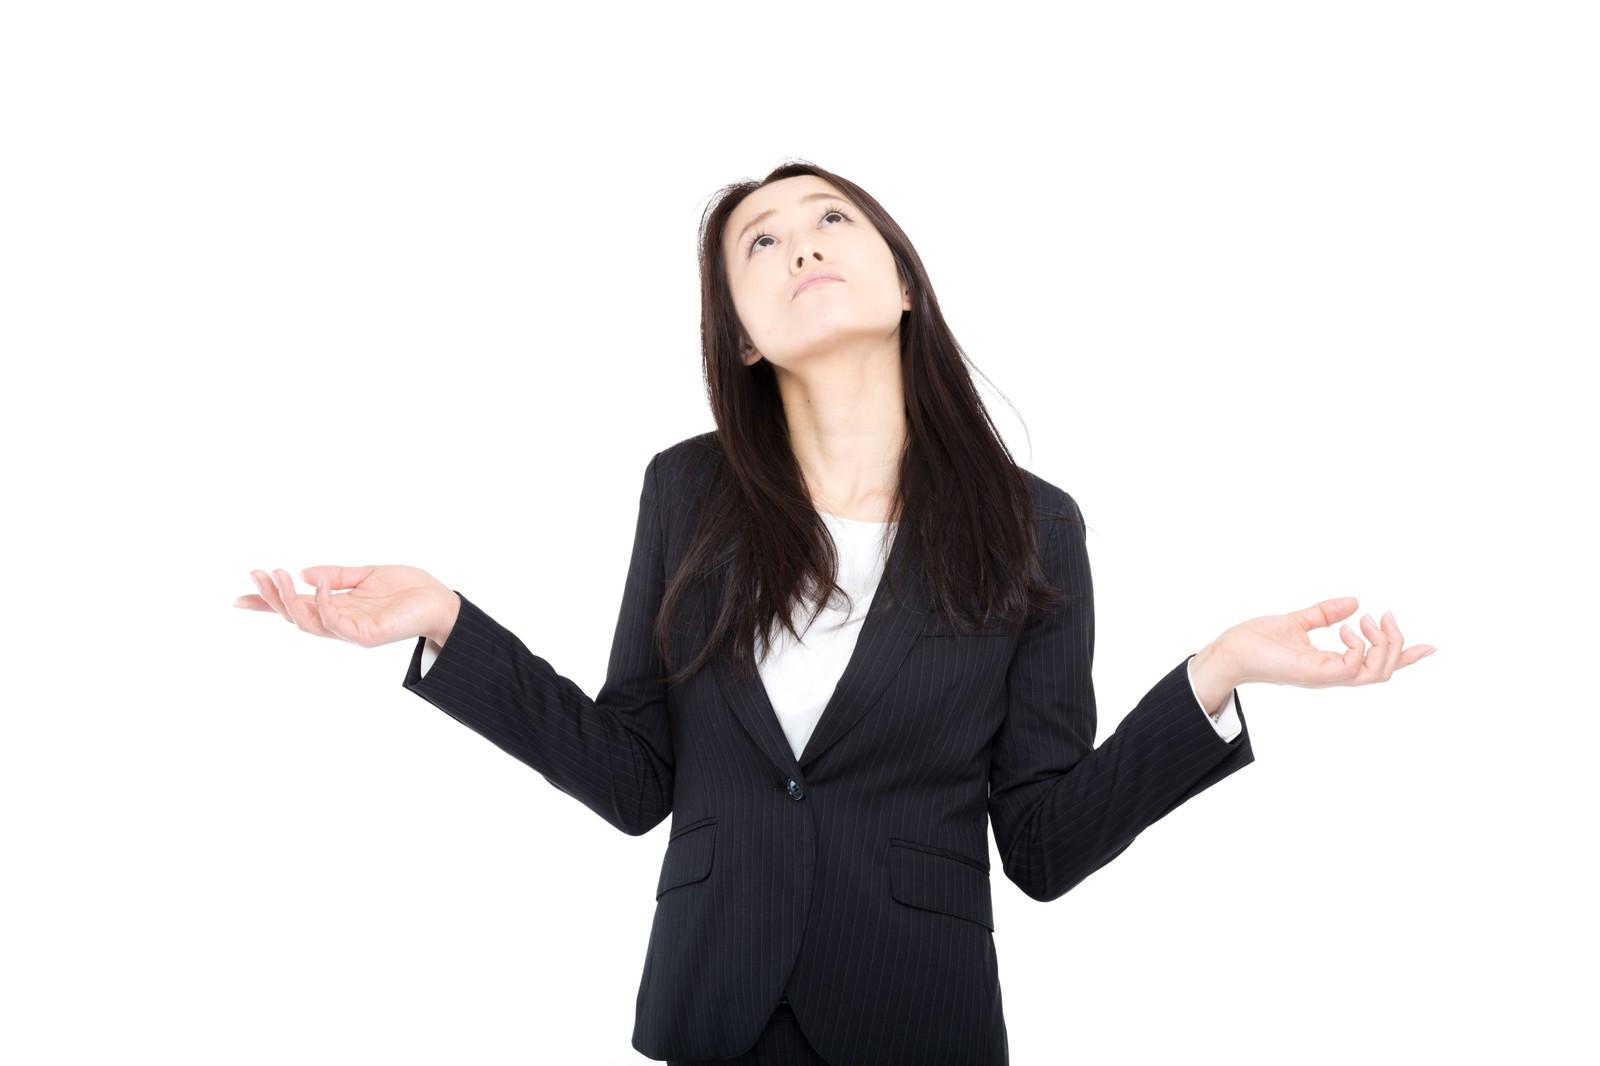 女性が転職に失敗してしまった事例